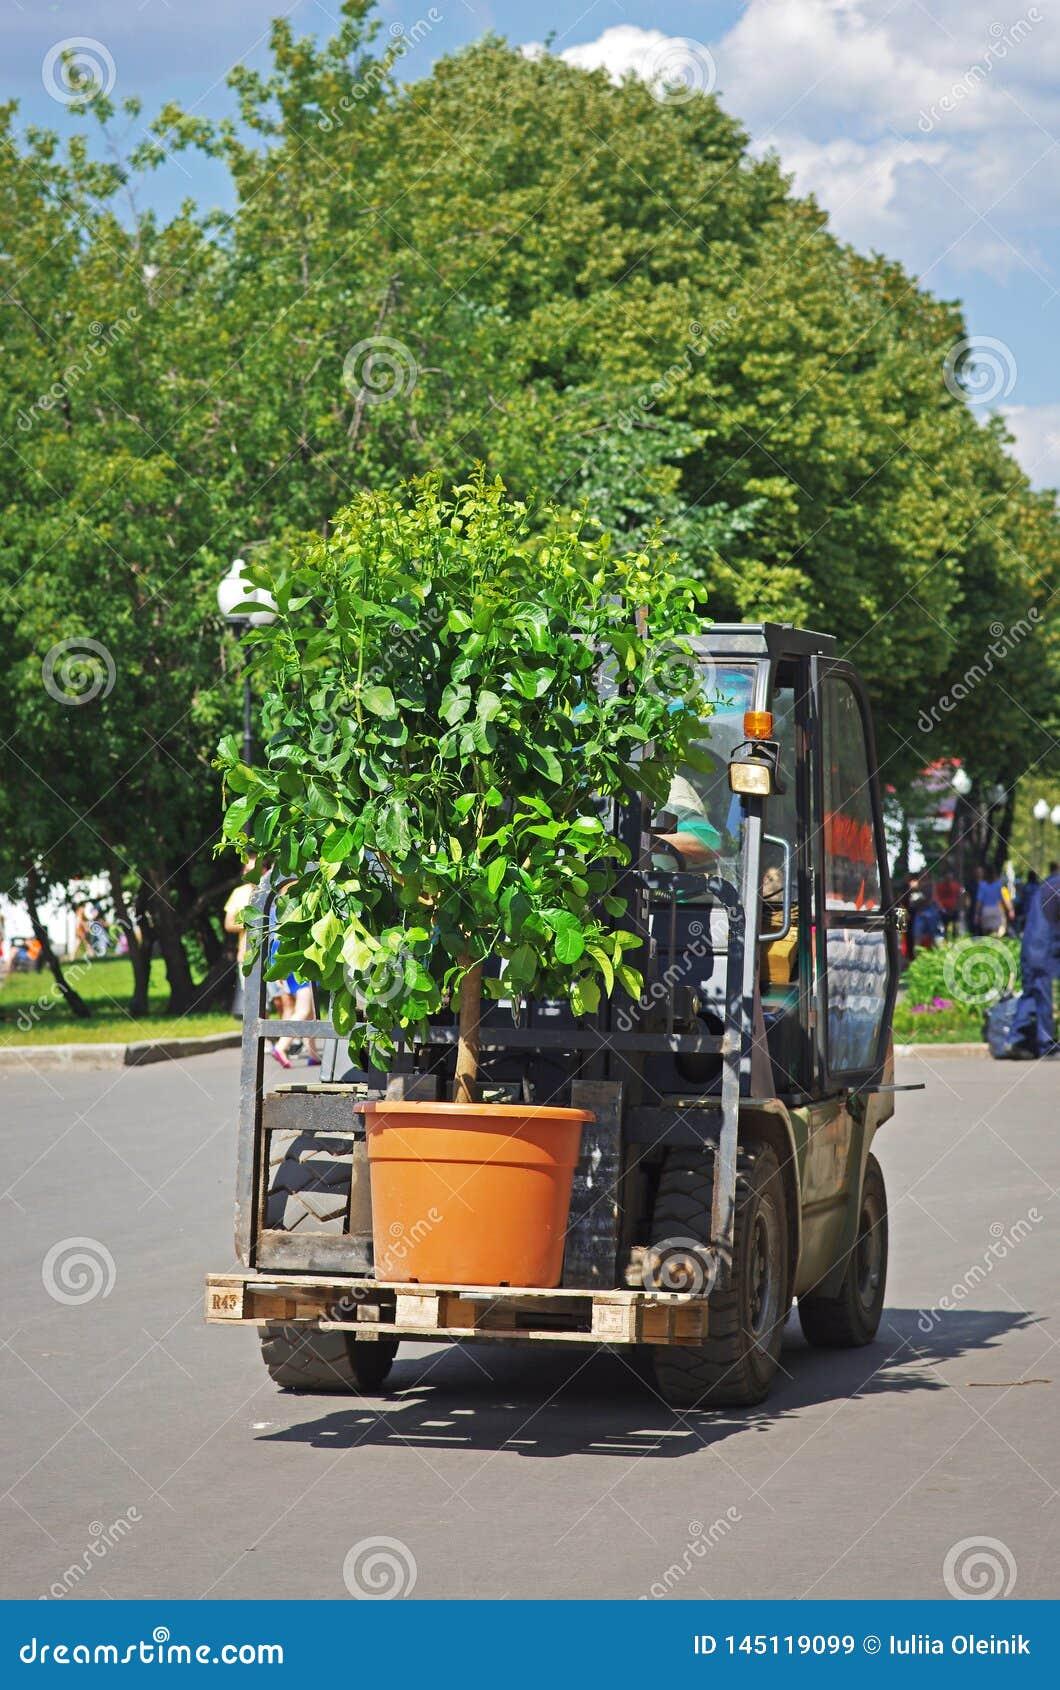 Lader die de installatie op een pallet in park Gorkogo in Moskou vervoeren